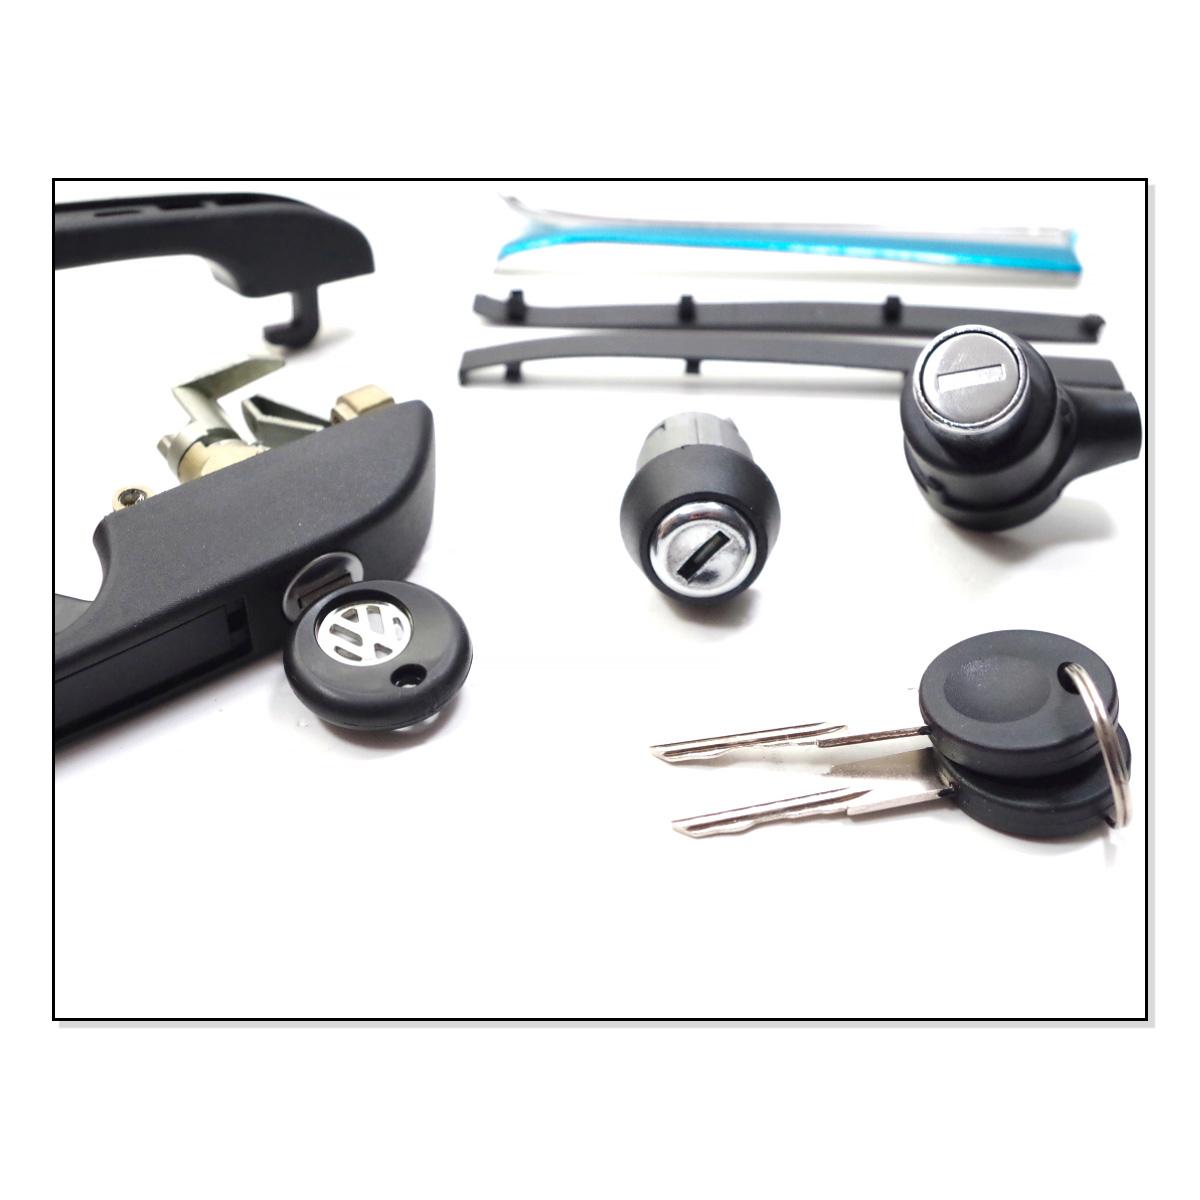 Klamki + Stacyjka (Zestaw Pod Jeden Kluczyk) VW Golf 1